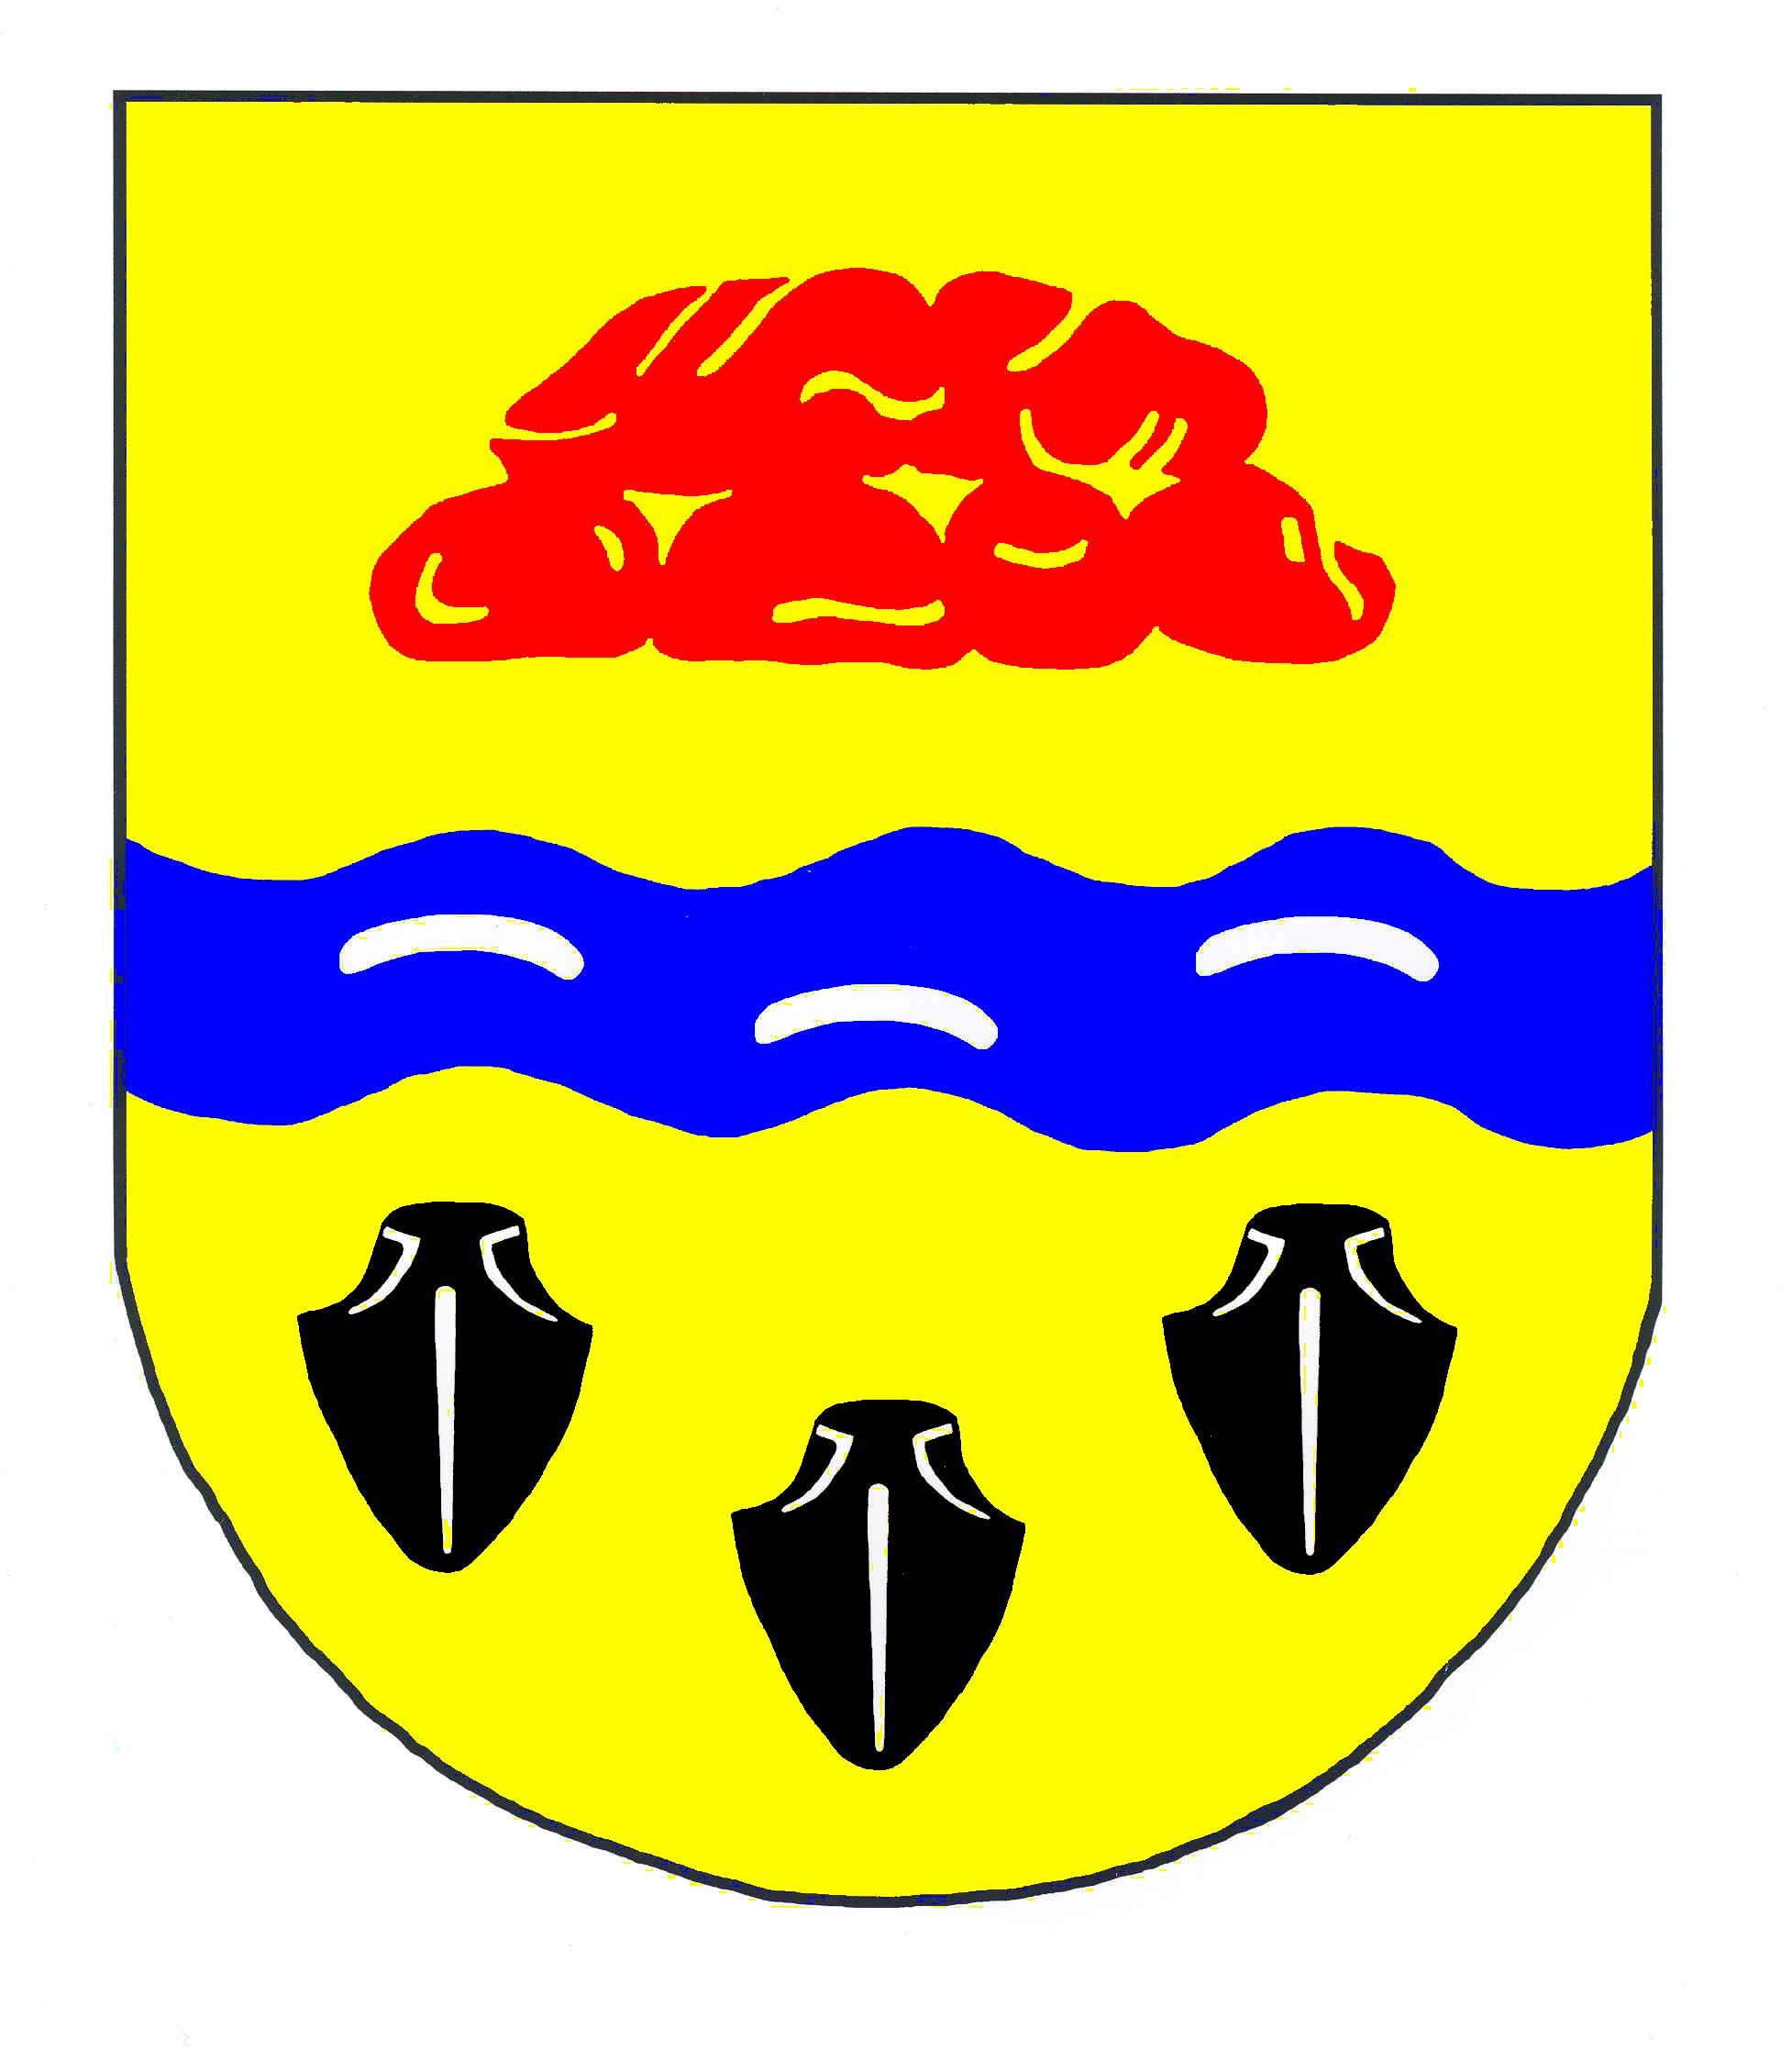 Wappen GemeindeGammelby, Kreis Rendsburg-Eckernförde